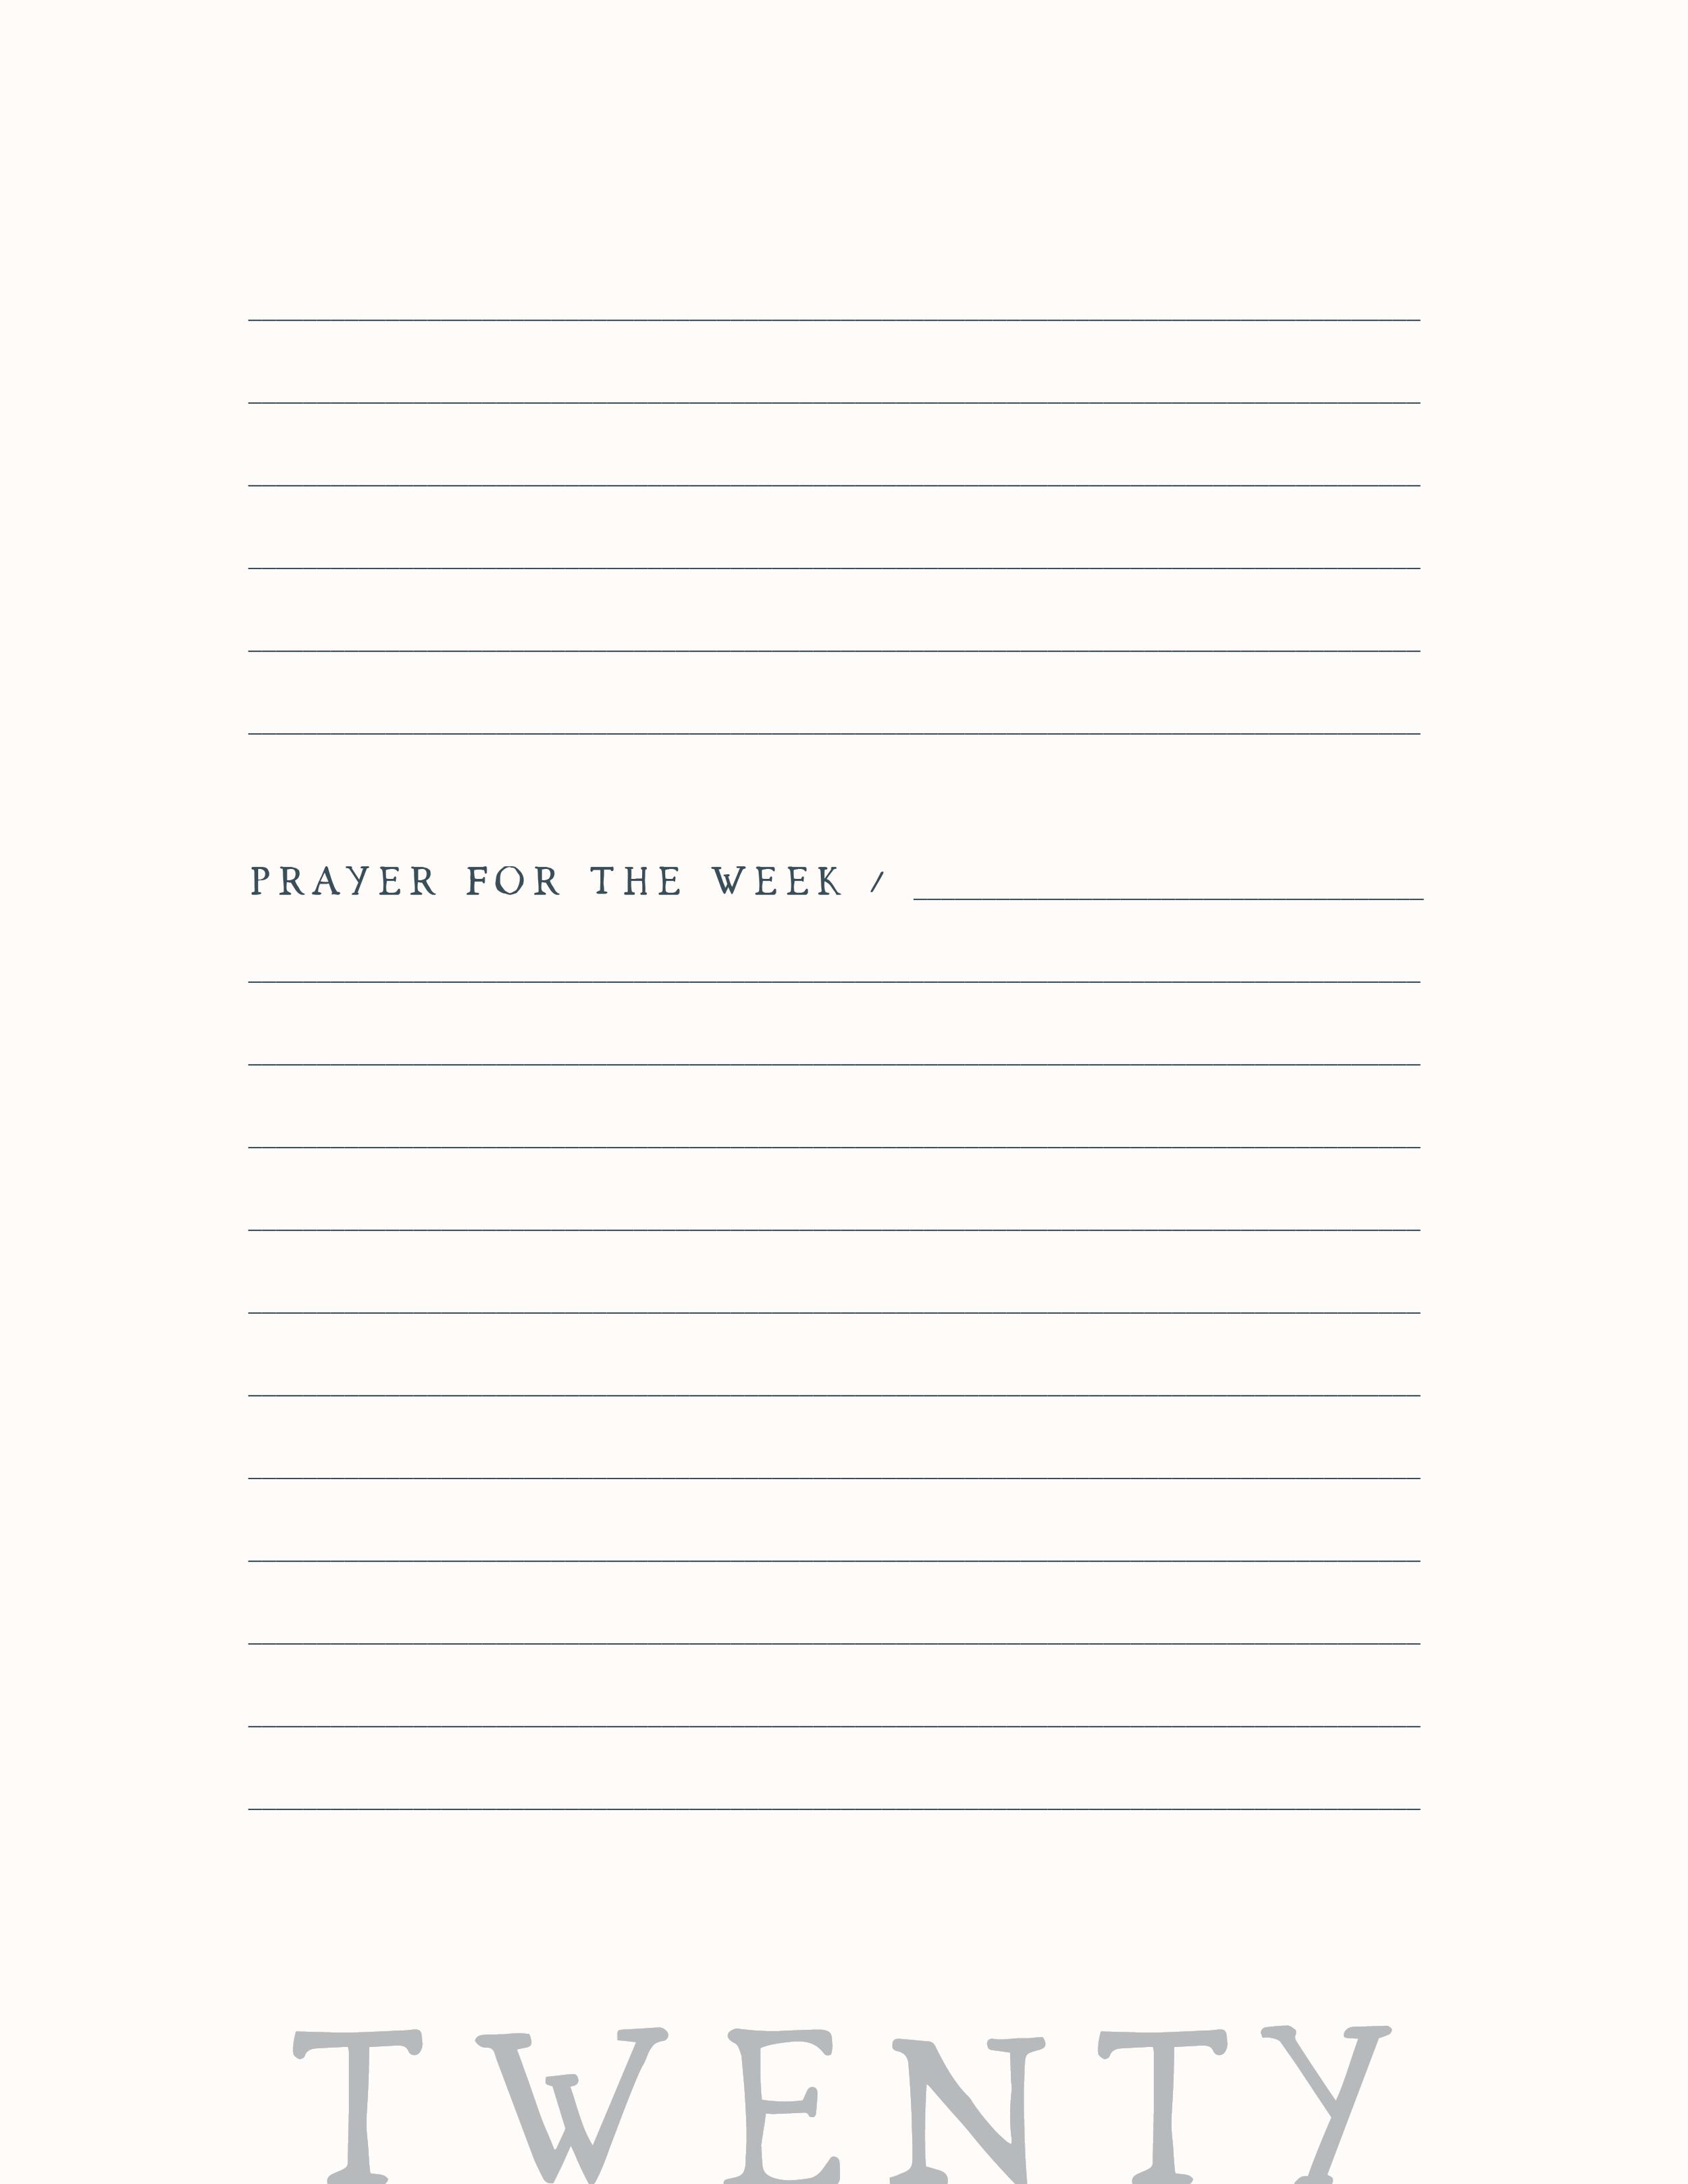 week202.png